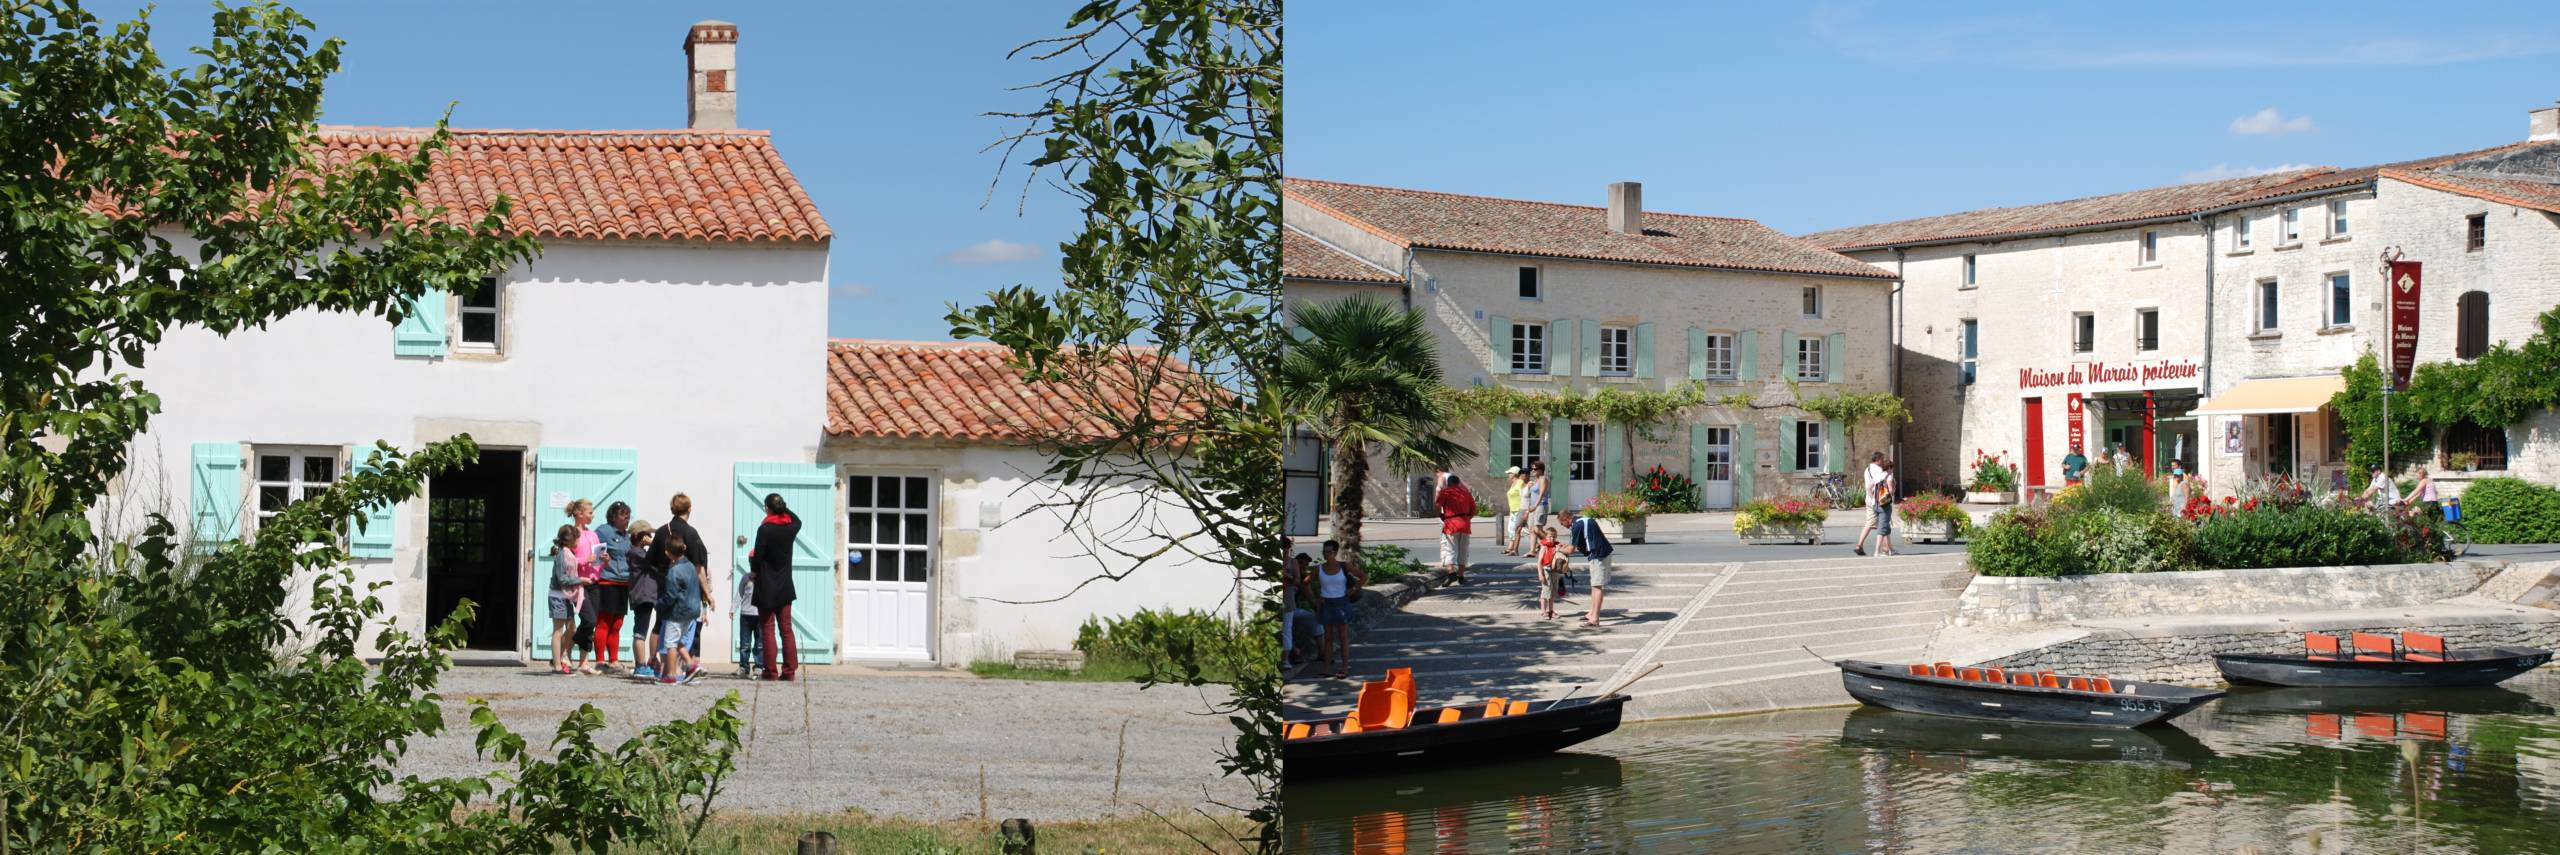 Maison du Maitre de Digues et Maison du Marais poitevin.